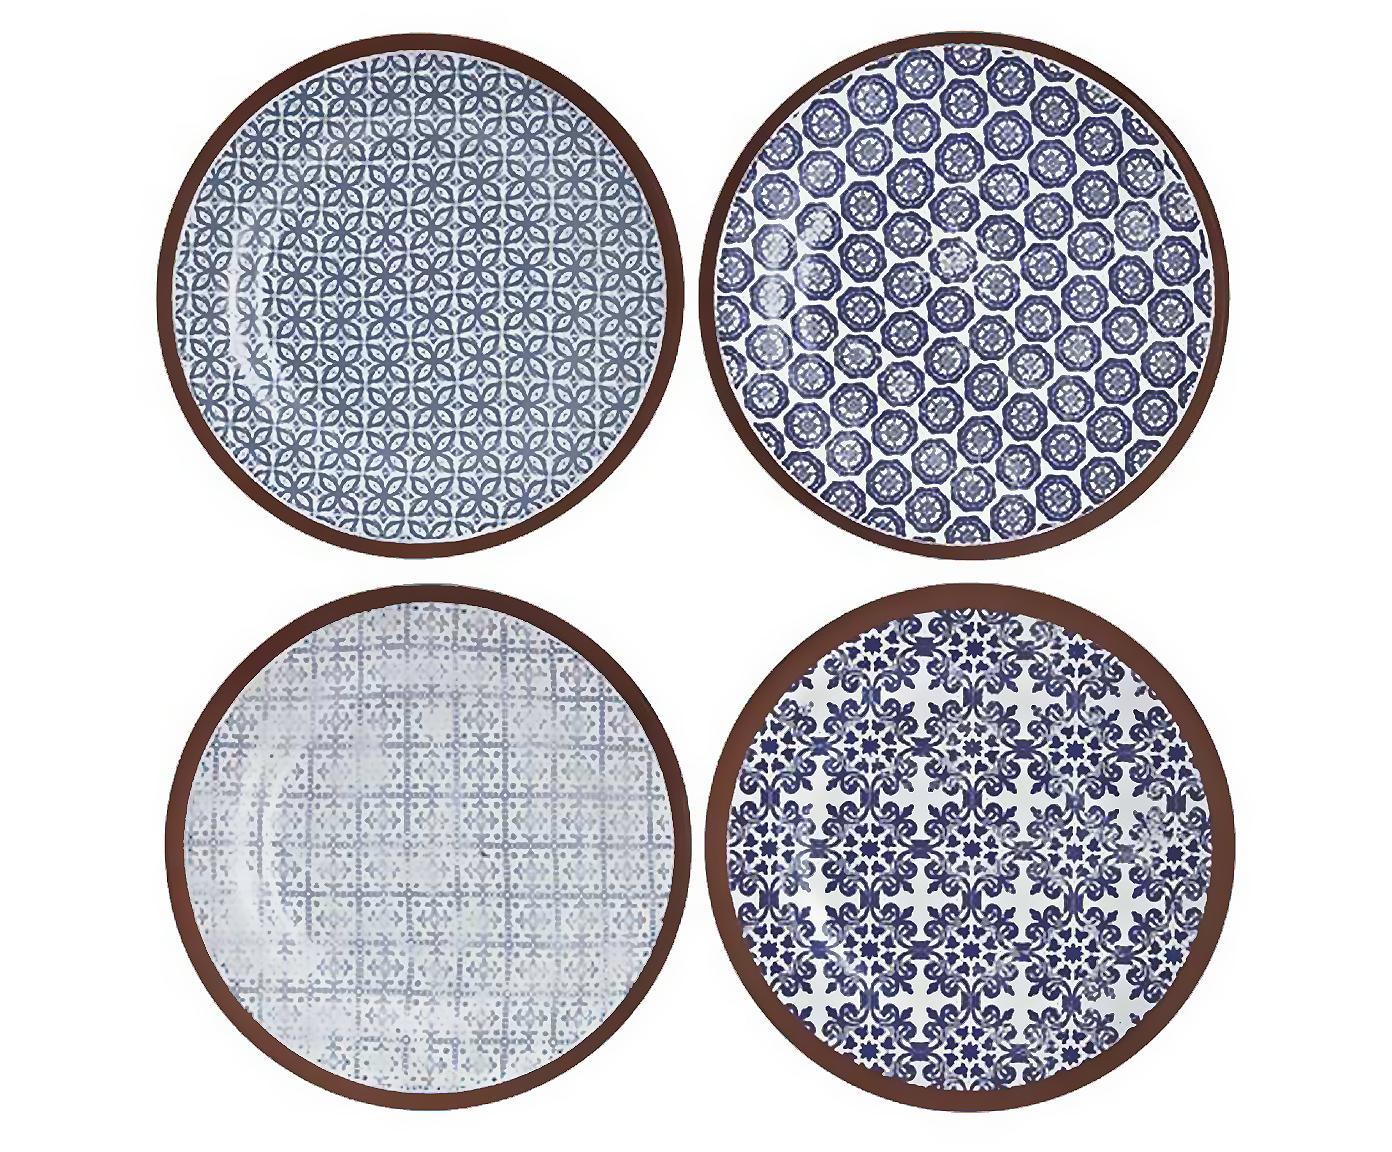 Handgefertigtes Frühstücksteller-Set Tapas, 4-tlg., Terrakotta, Blau, Weiß, Braun, Ø 19 cm